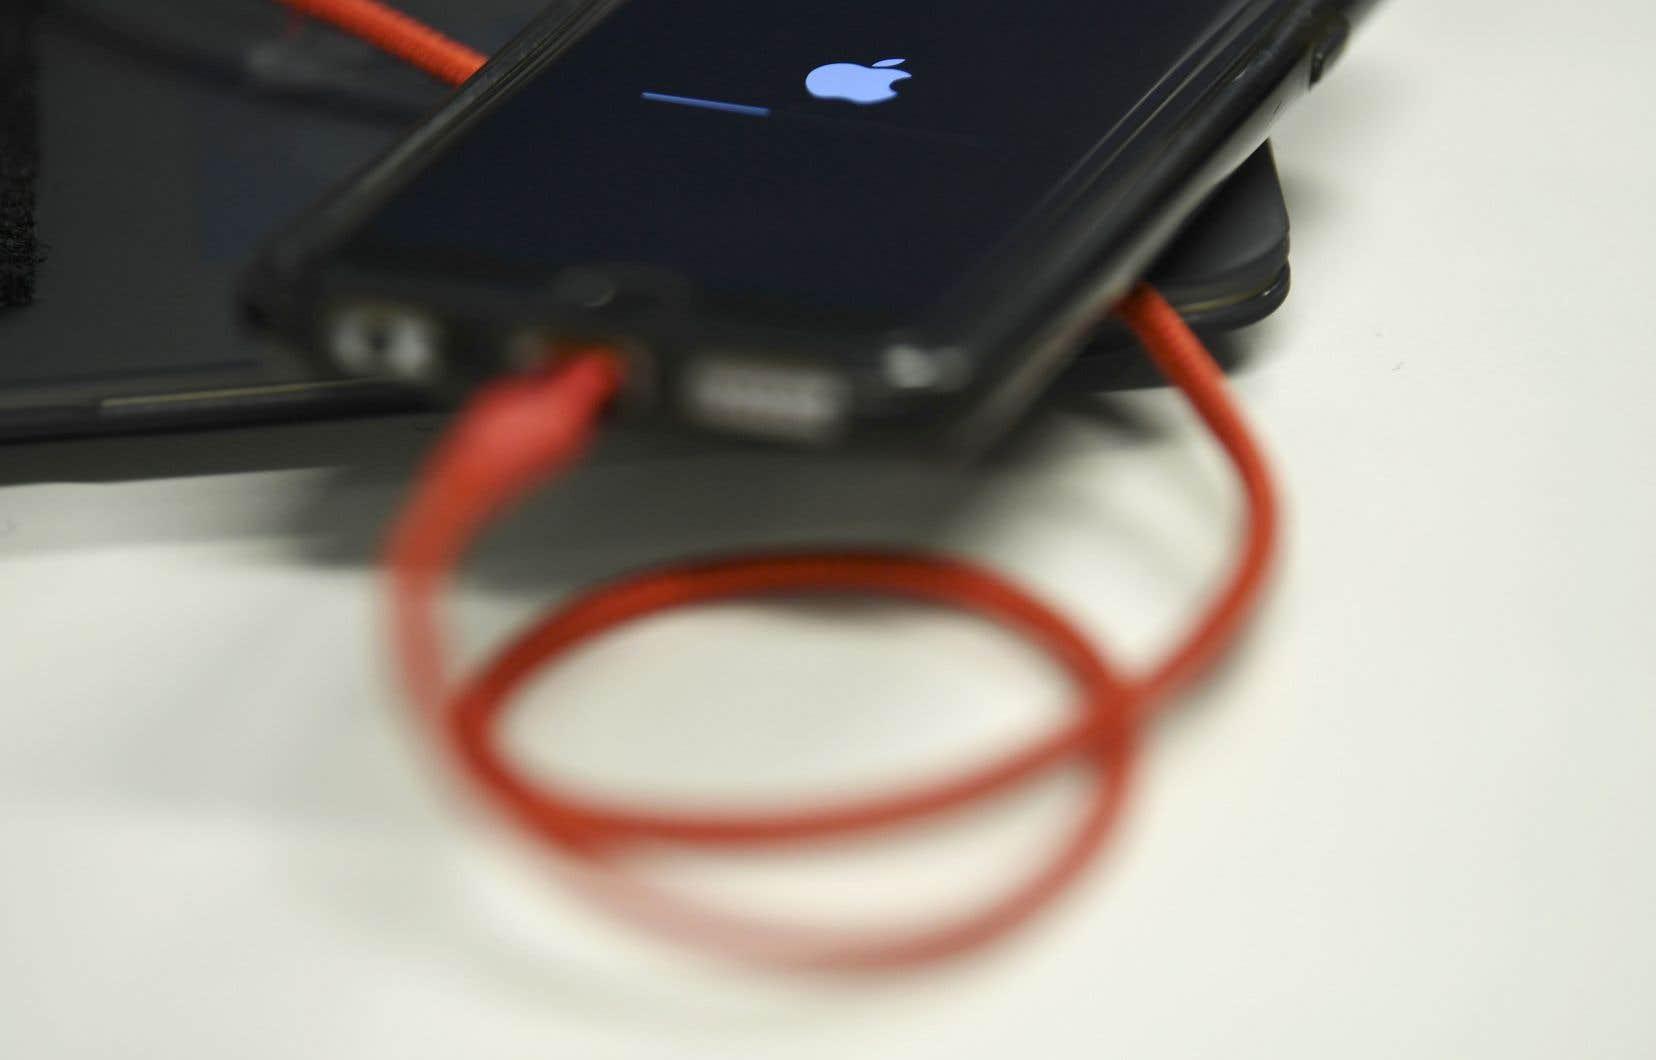 Une fois embarqué dans l'iPhone, le logiciel malveillant transmettait les données capturées, y compris la géolocalisation en direct, transmise chaque minute.